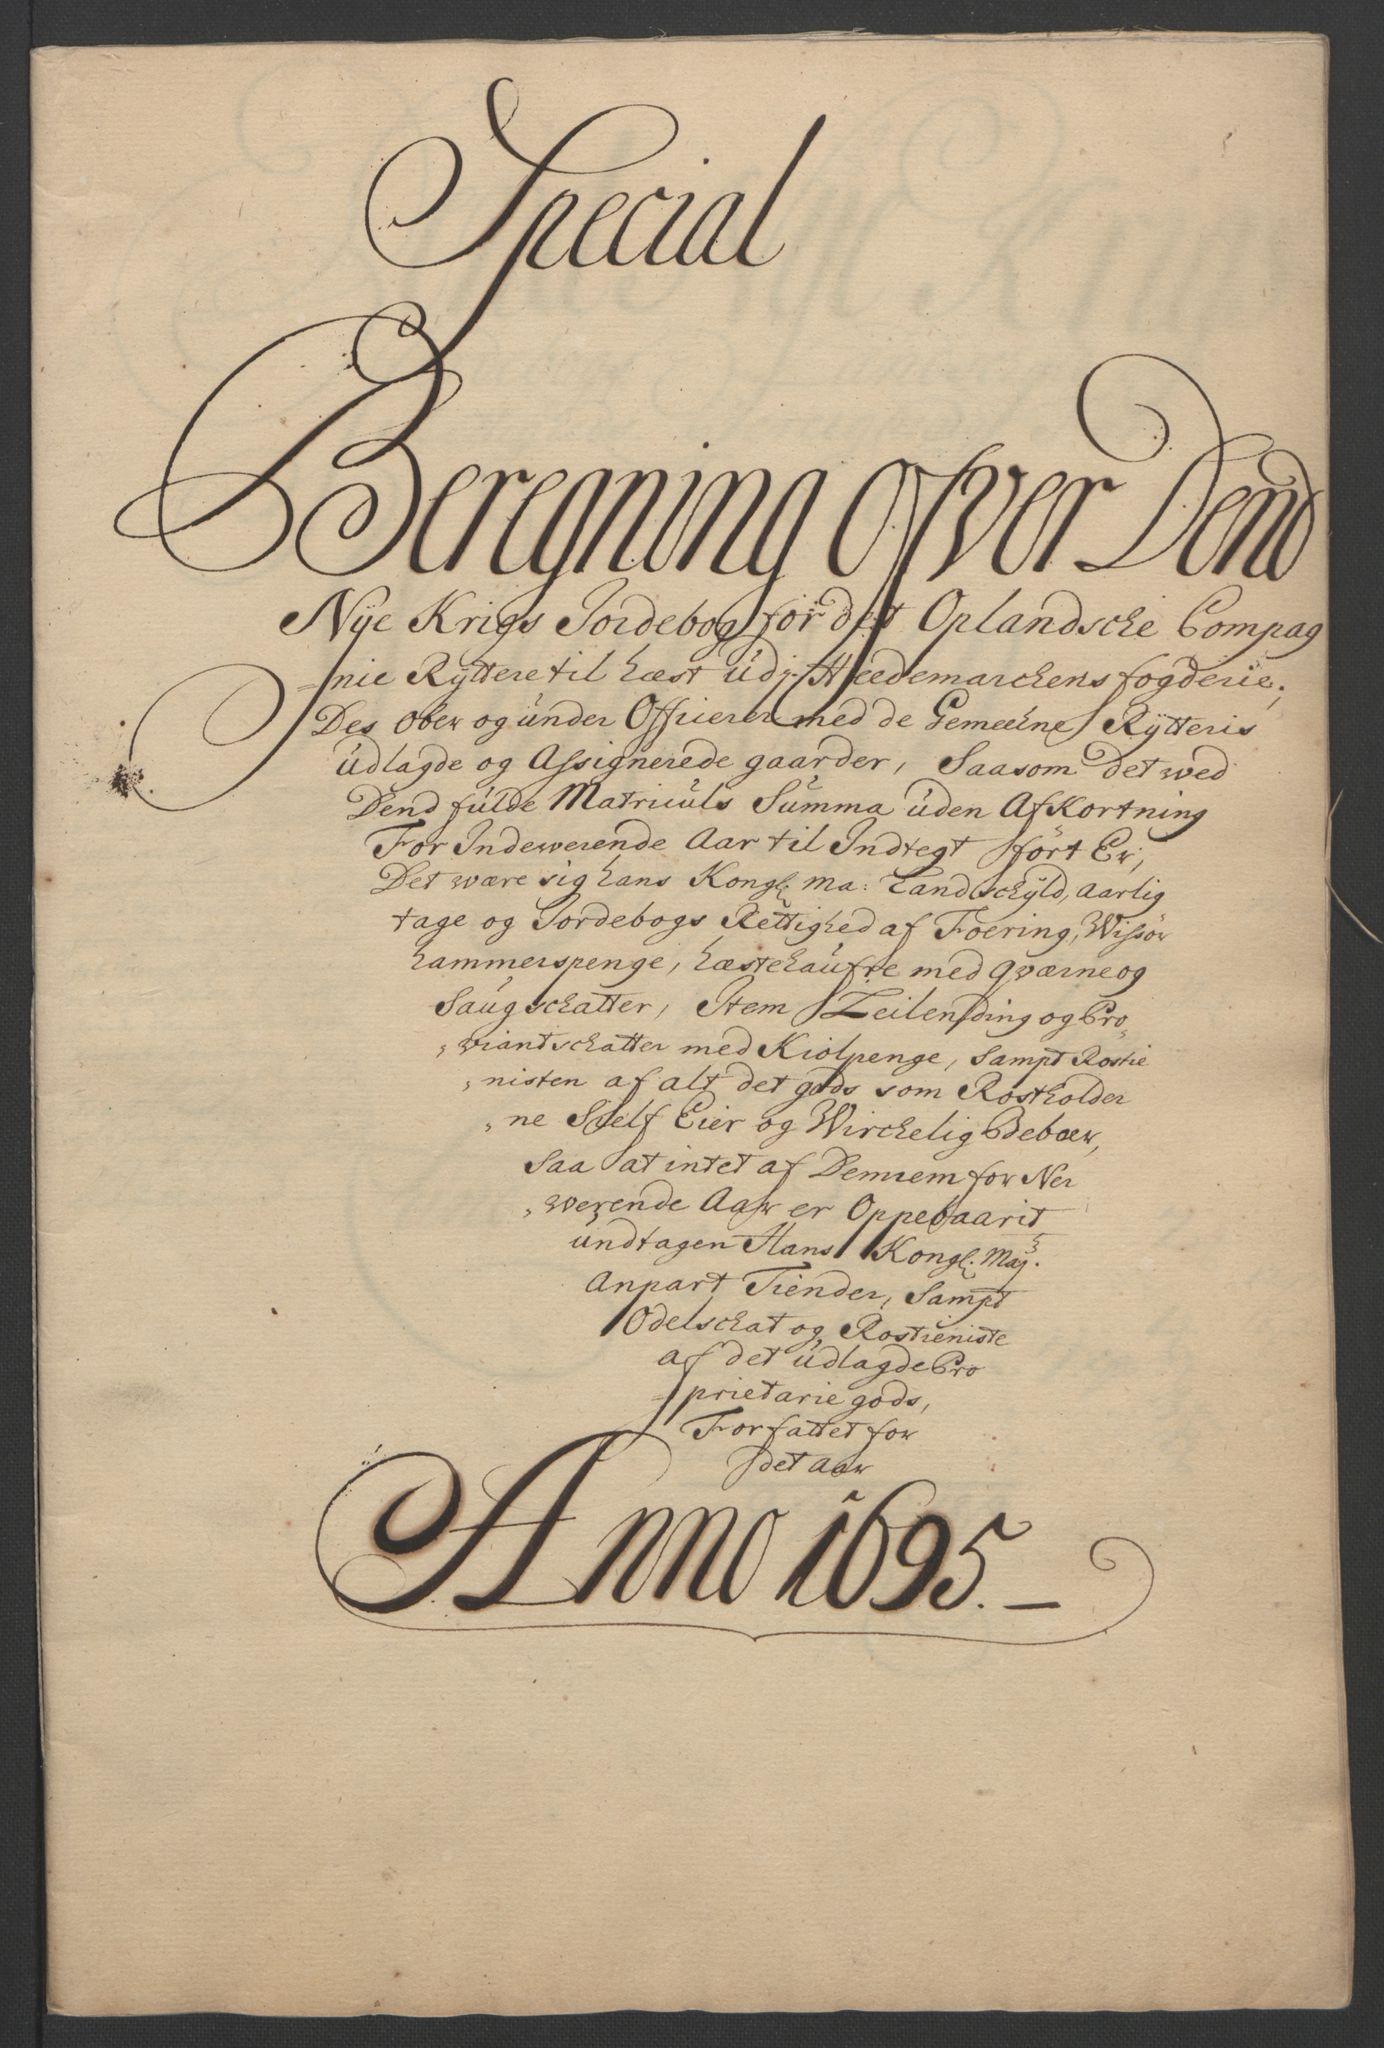 RA, Rentekammeret inntil 1814, Reviderte regnskaper, Fogderegnskap, R16/L1036: Fogderegnskap Hedmark, 1695-1696, s. 120